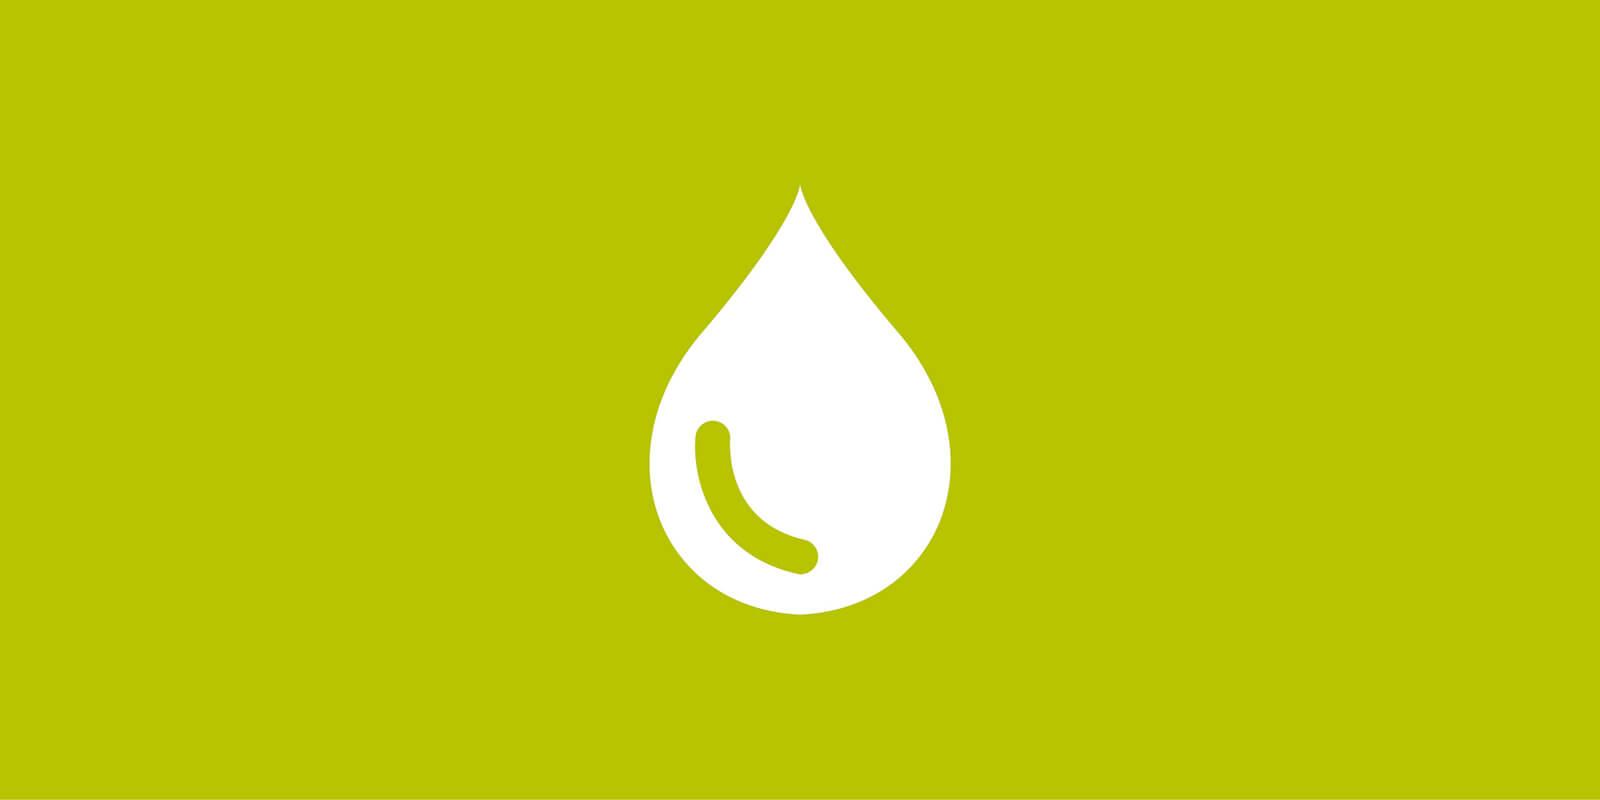 Förderprogramm Klingenplus - Icon Wasser